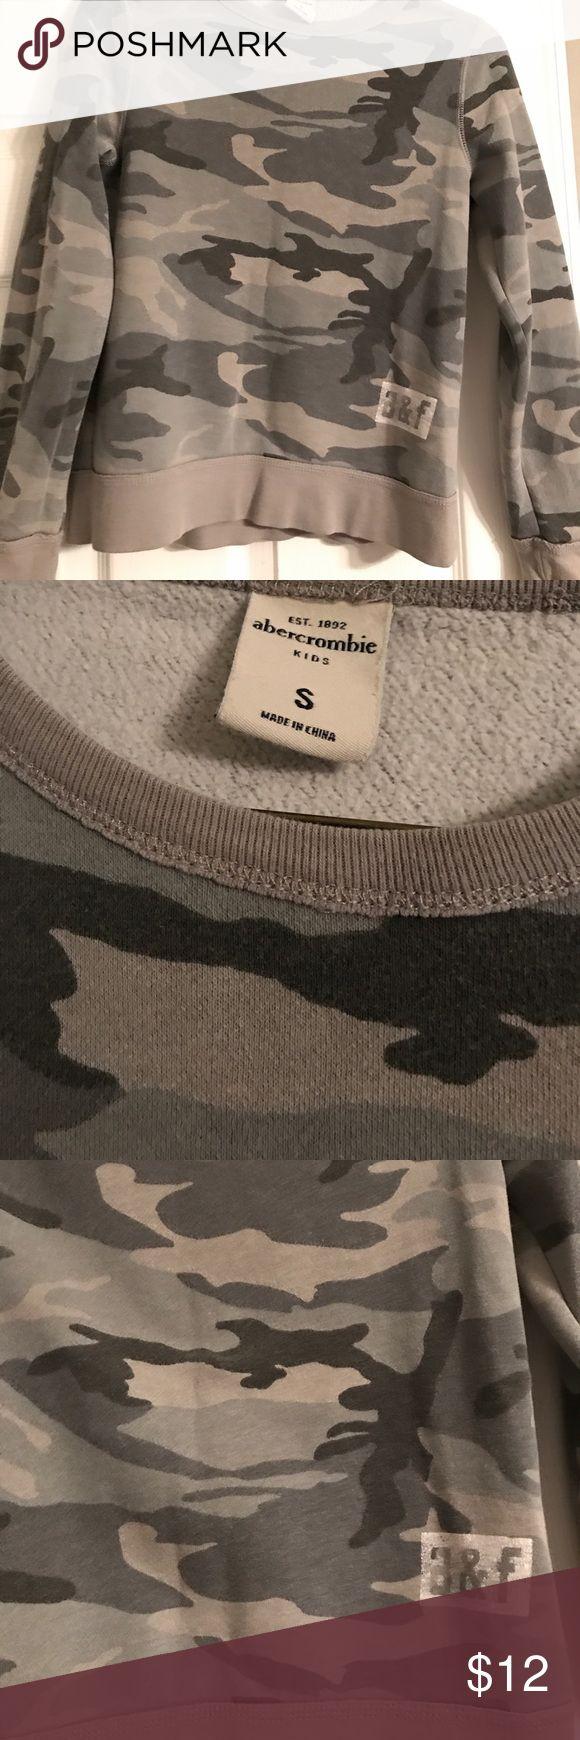 Boys Abercrombie Camouflage Sweatshirt Boys Abercrombie Camouflage Sweatshirt Abercombie Kids Shirts & Tops Sweatshirts & Hoodies